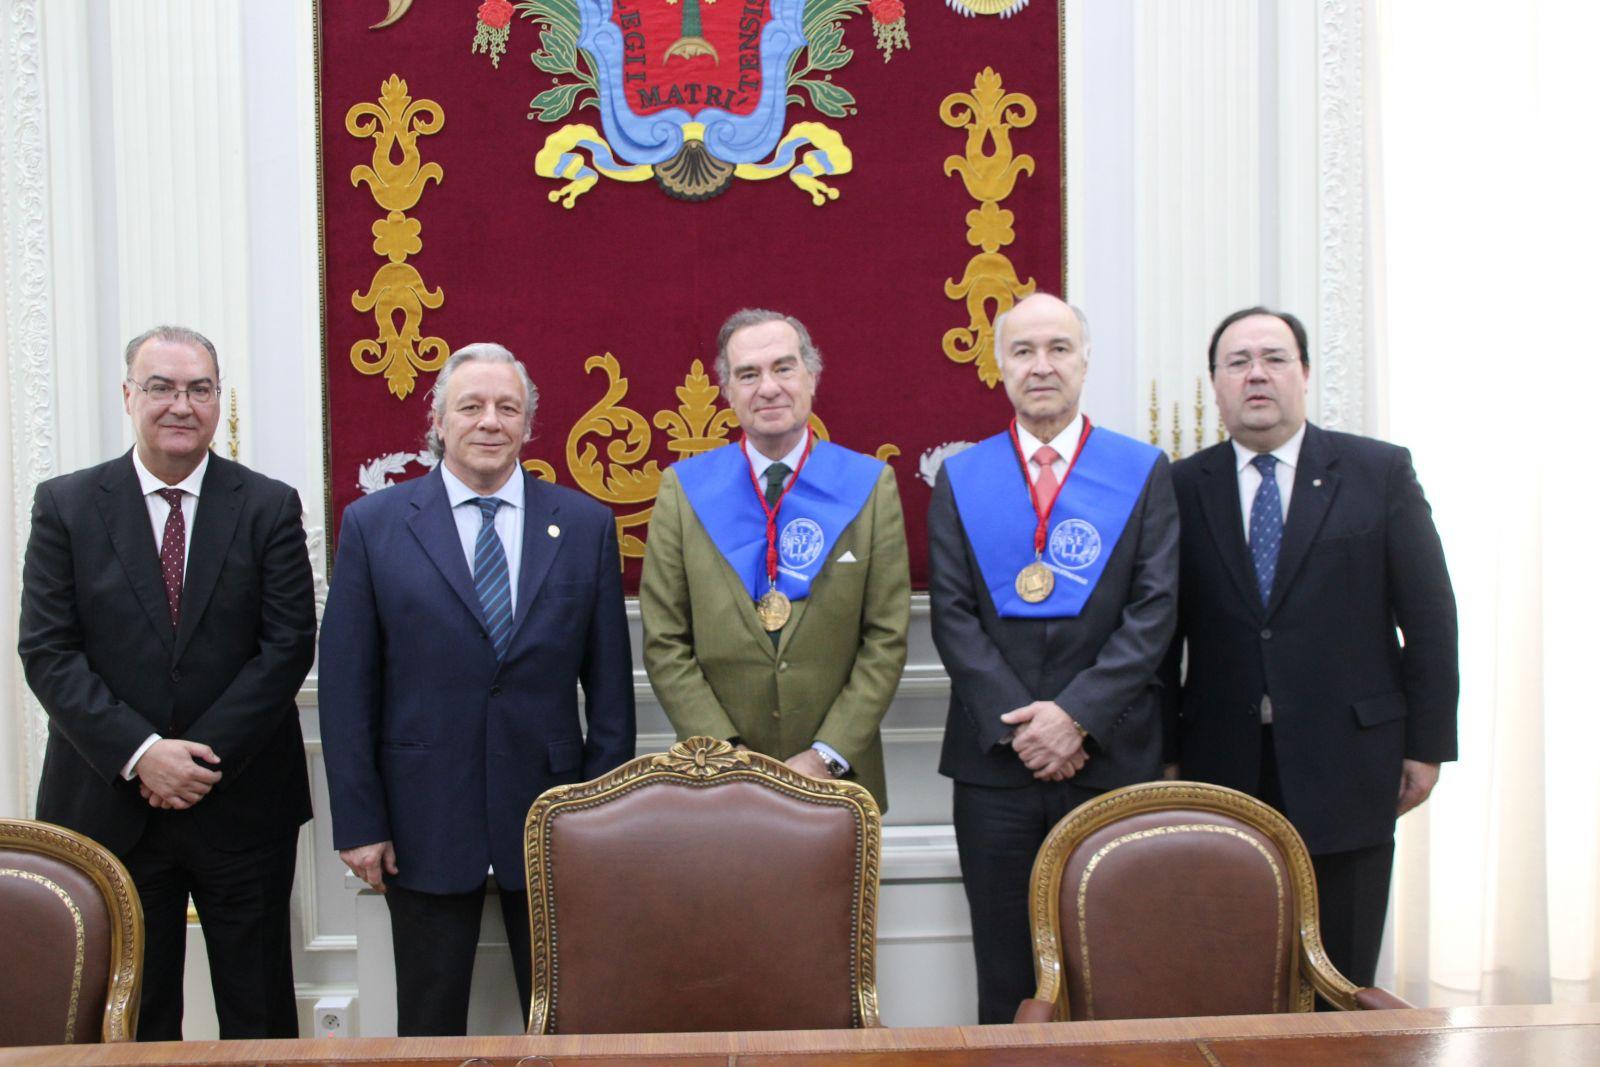 El Decano del ICAM es condecorado con el Gran Collar Iberoamericano de Victimología y la Medalla de la Sociedad de Estudios Internacionales